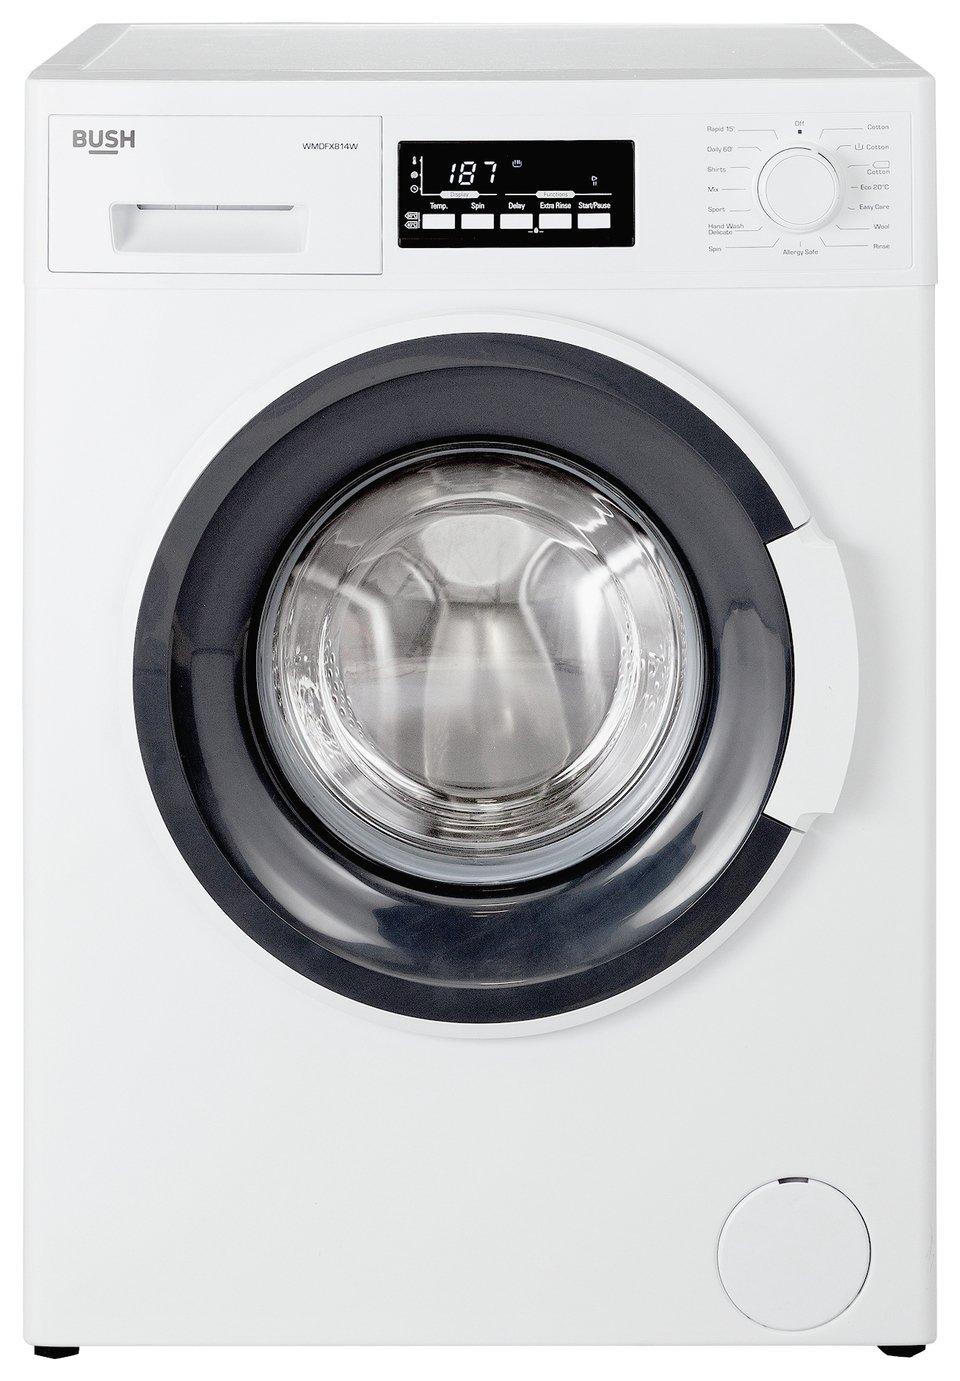 'Bush Wmdfx814w 8kg Washing Machine - White